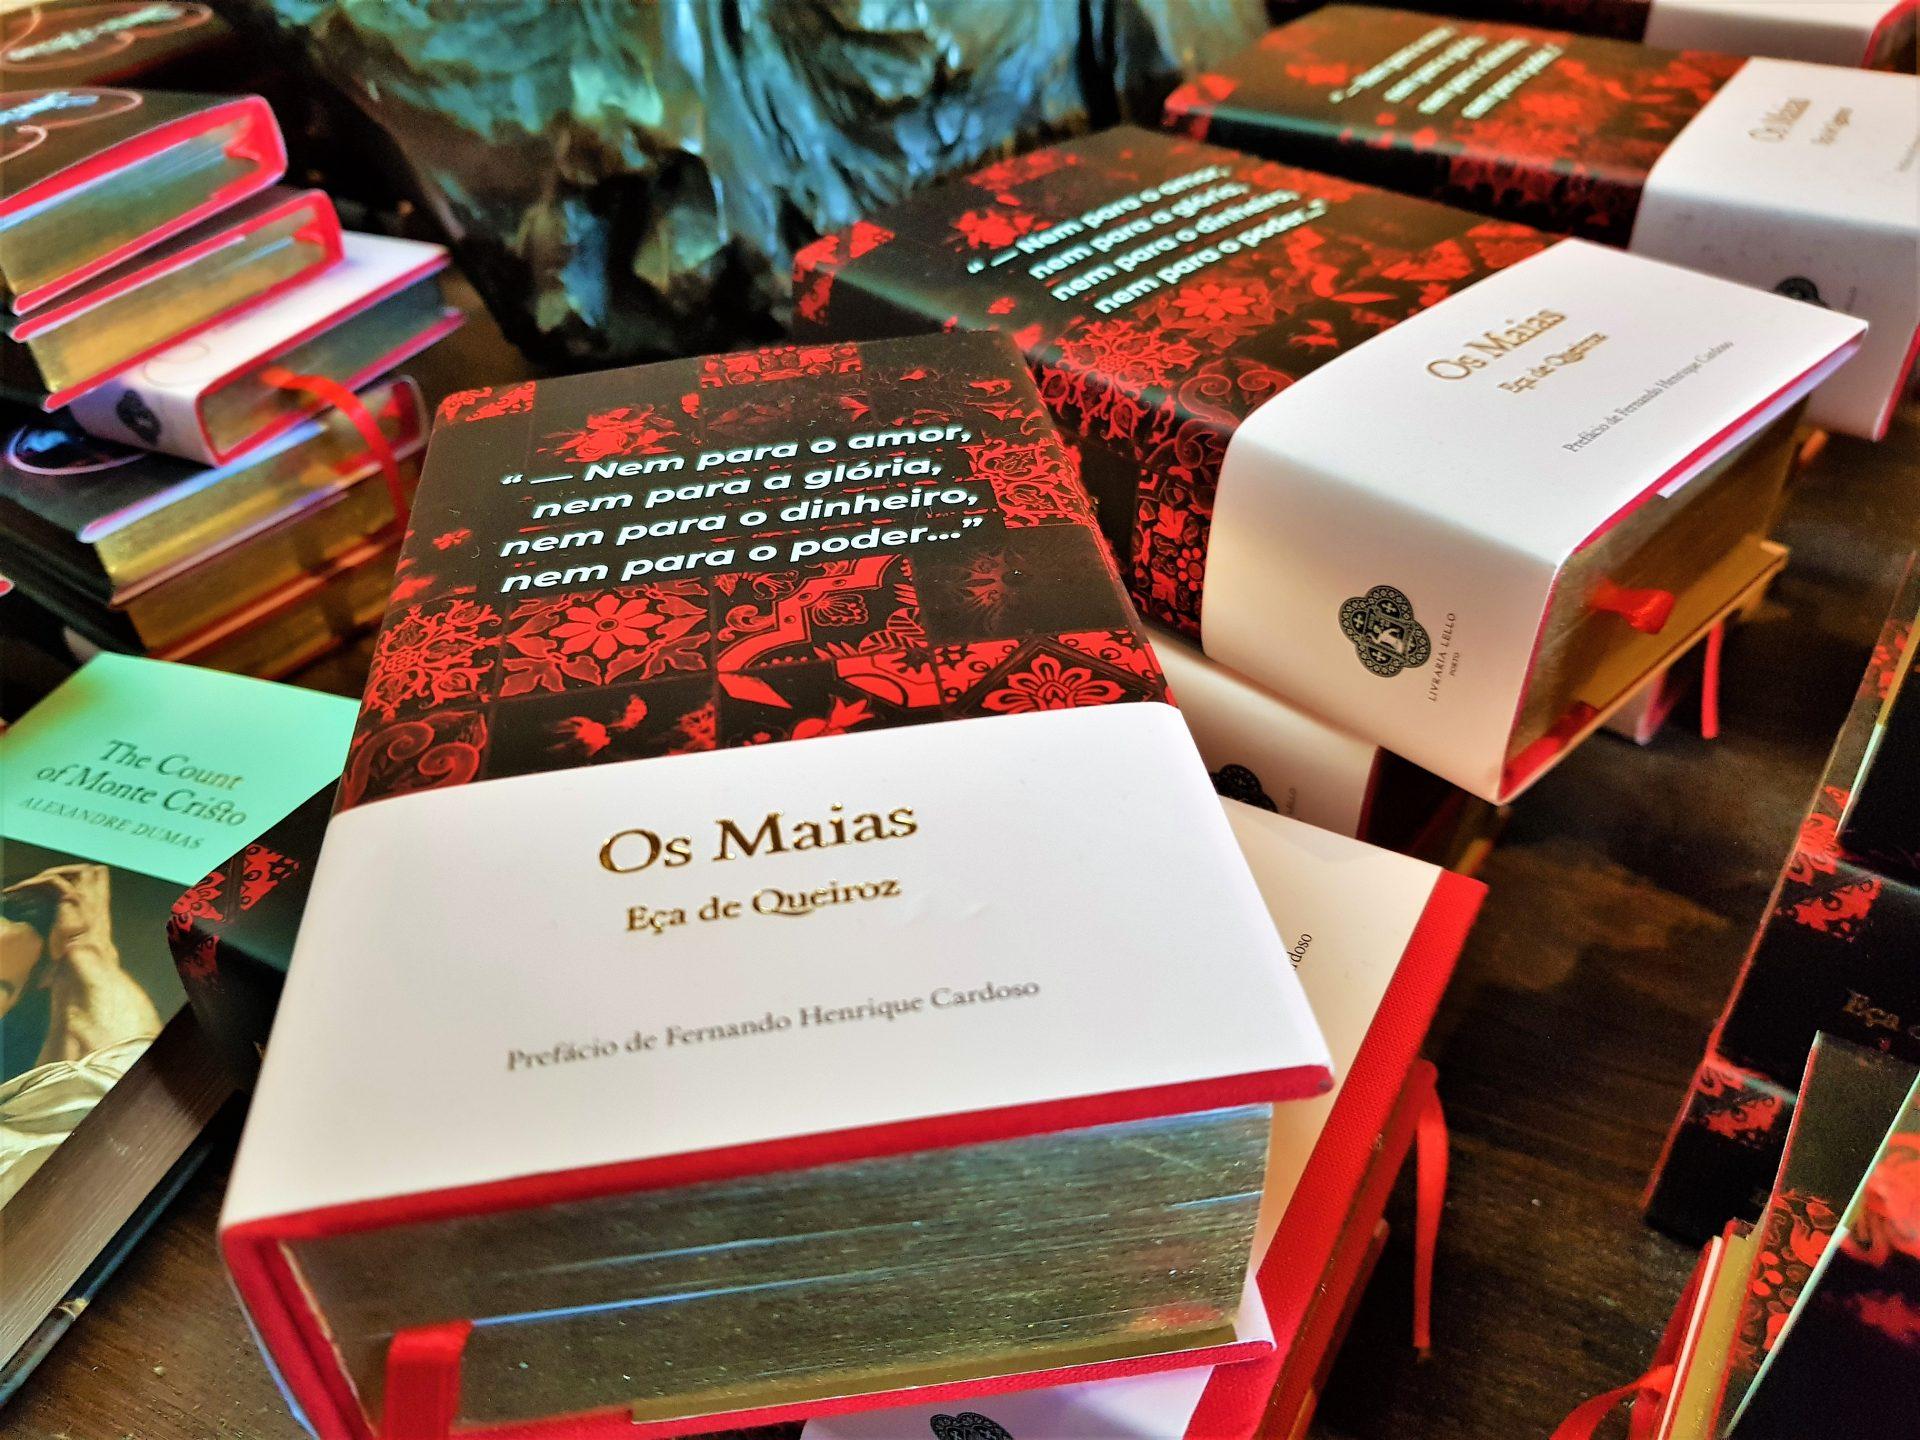 Edição especial Livraria Lello - Os Maias